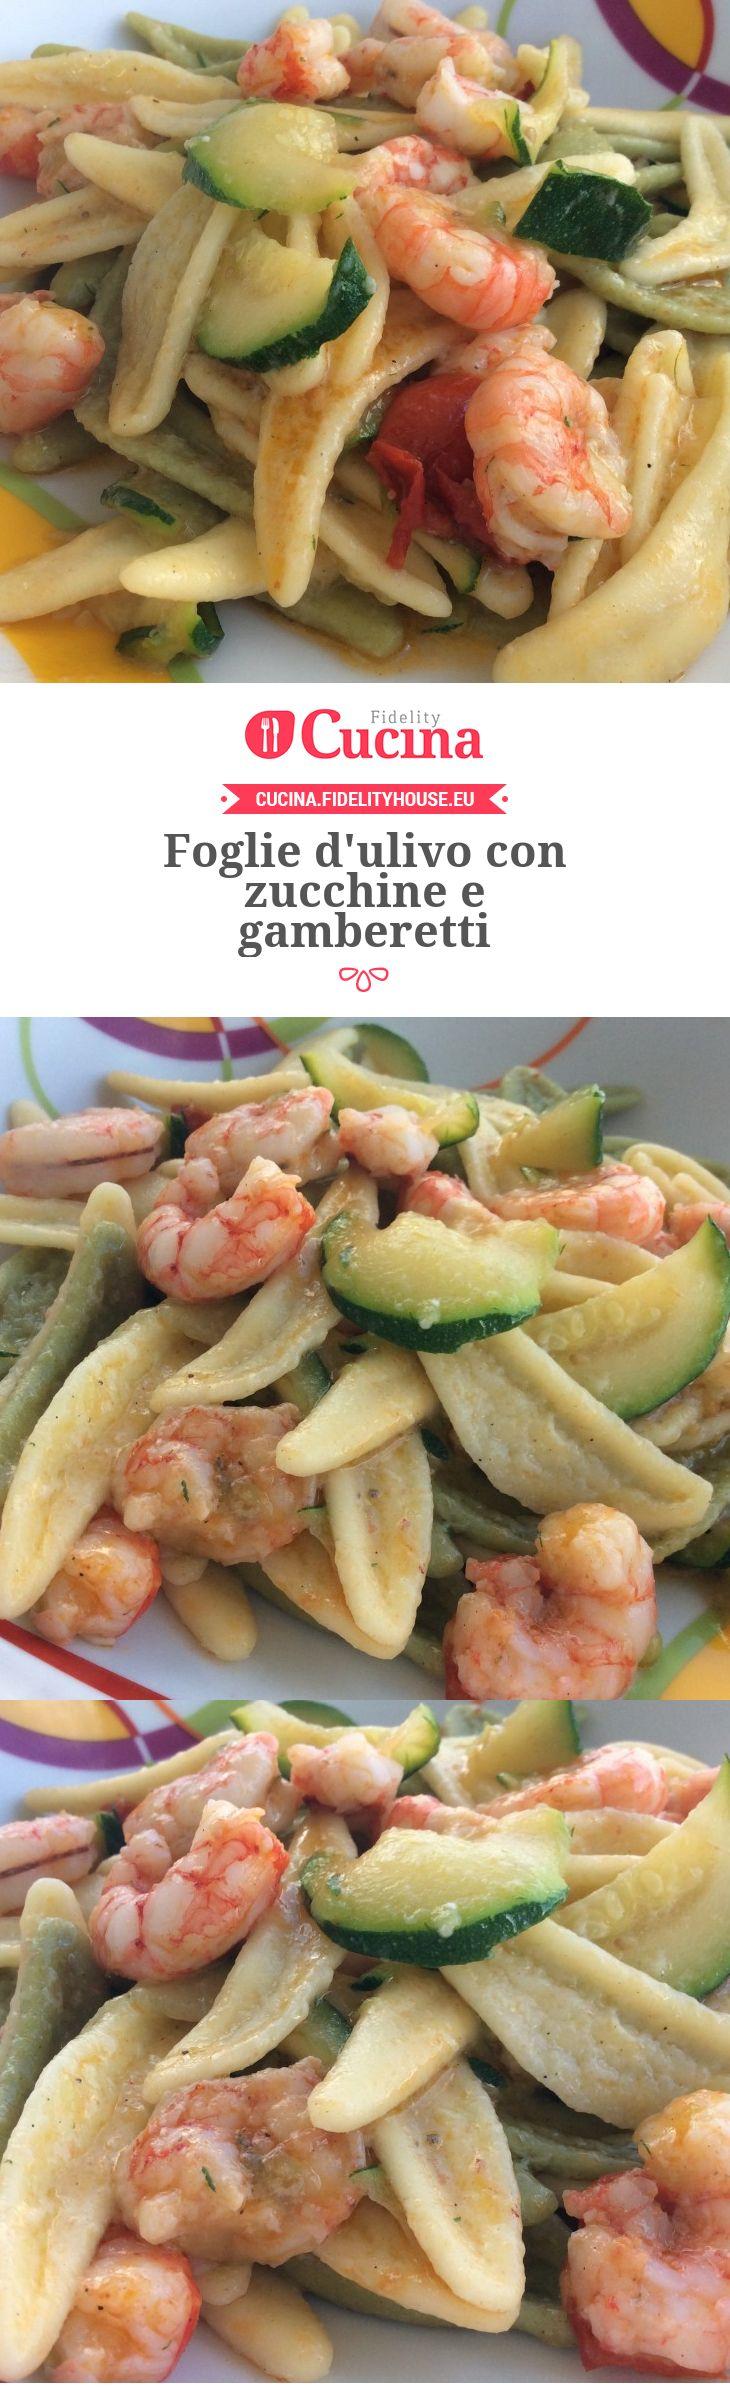 Foglie d'ulivo con zucchine e gamberetti della nostra utente Angela. Unisciti alla nostra Community ed invia le tue ricette!